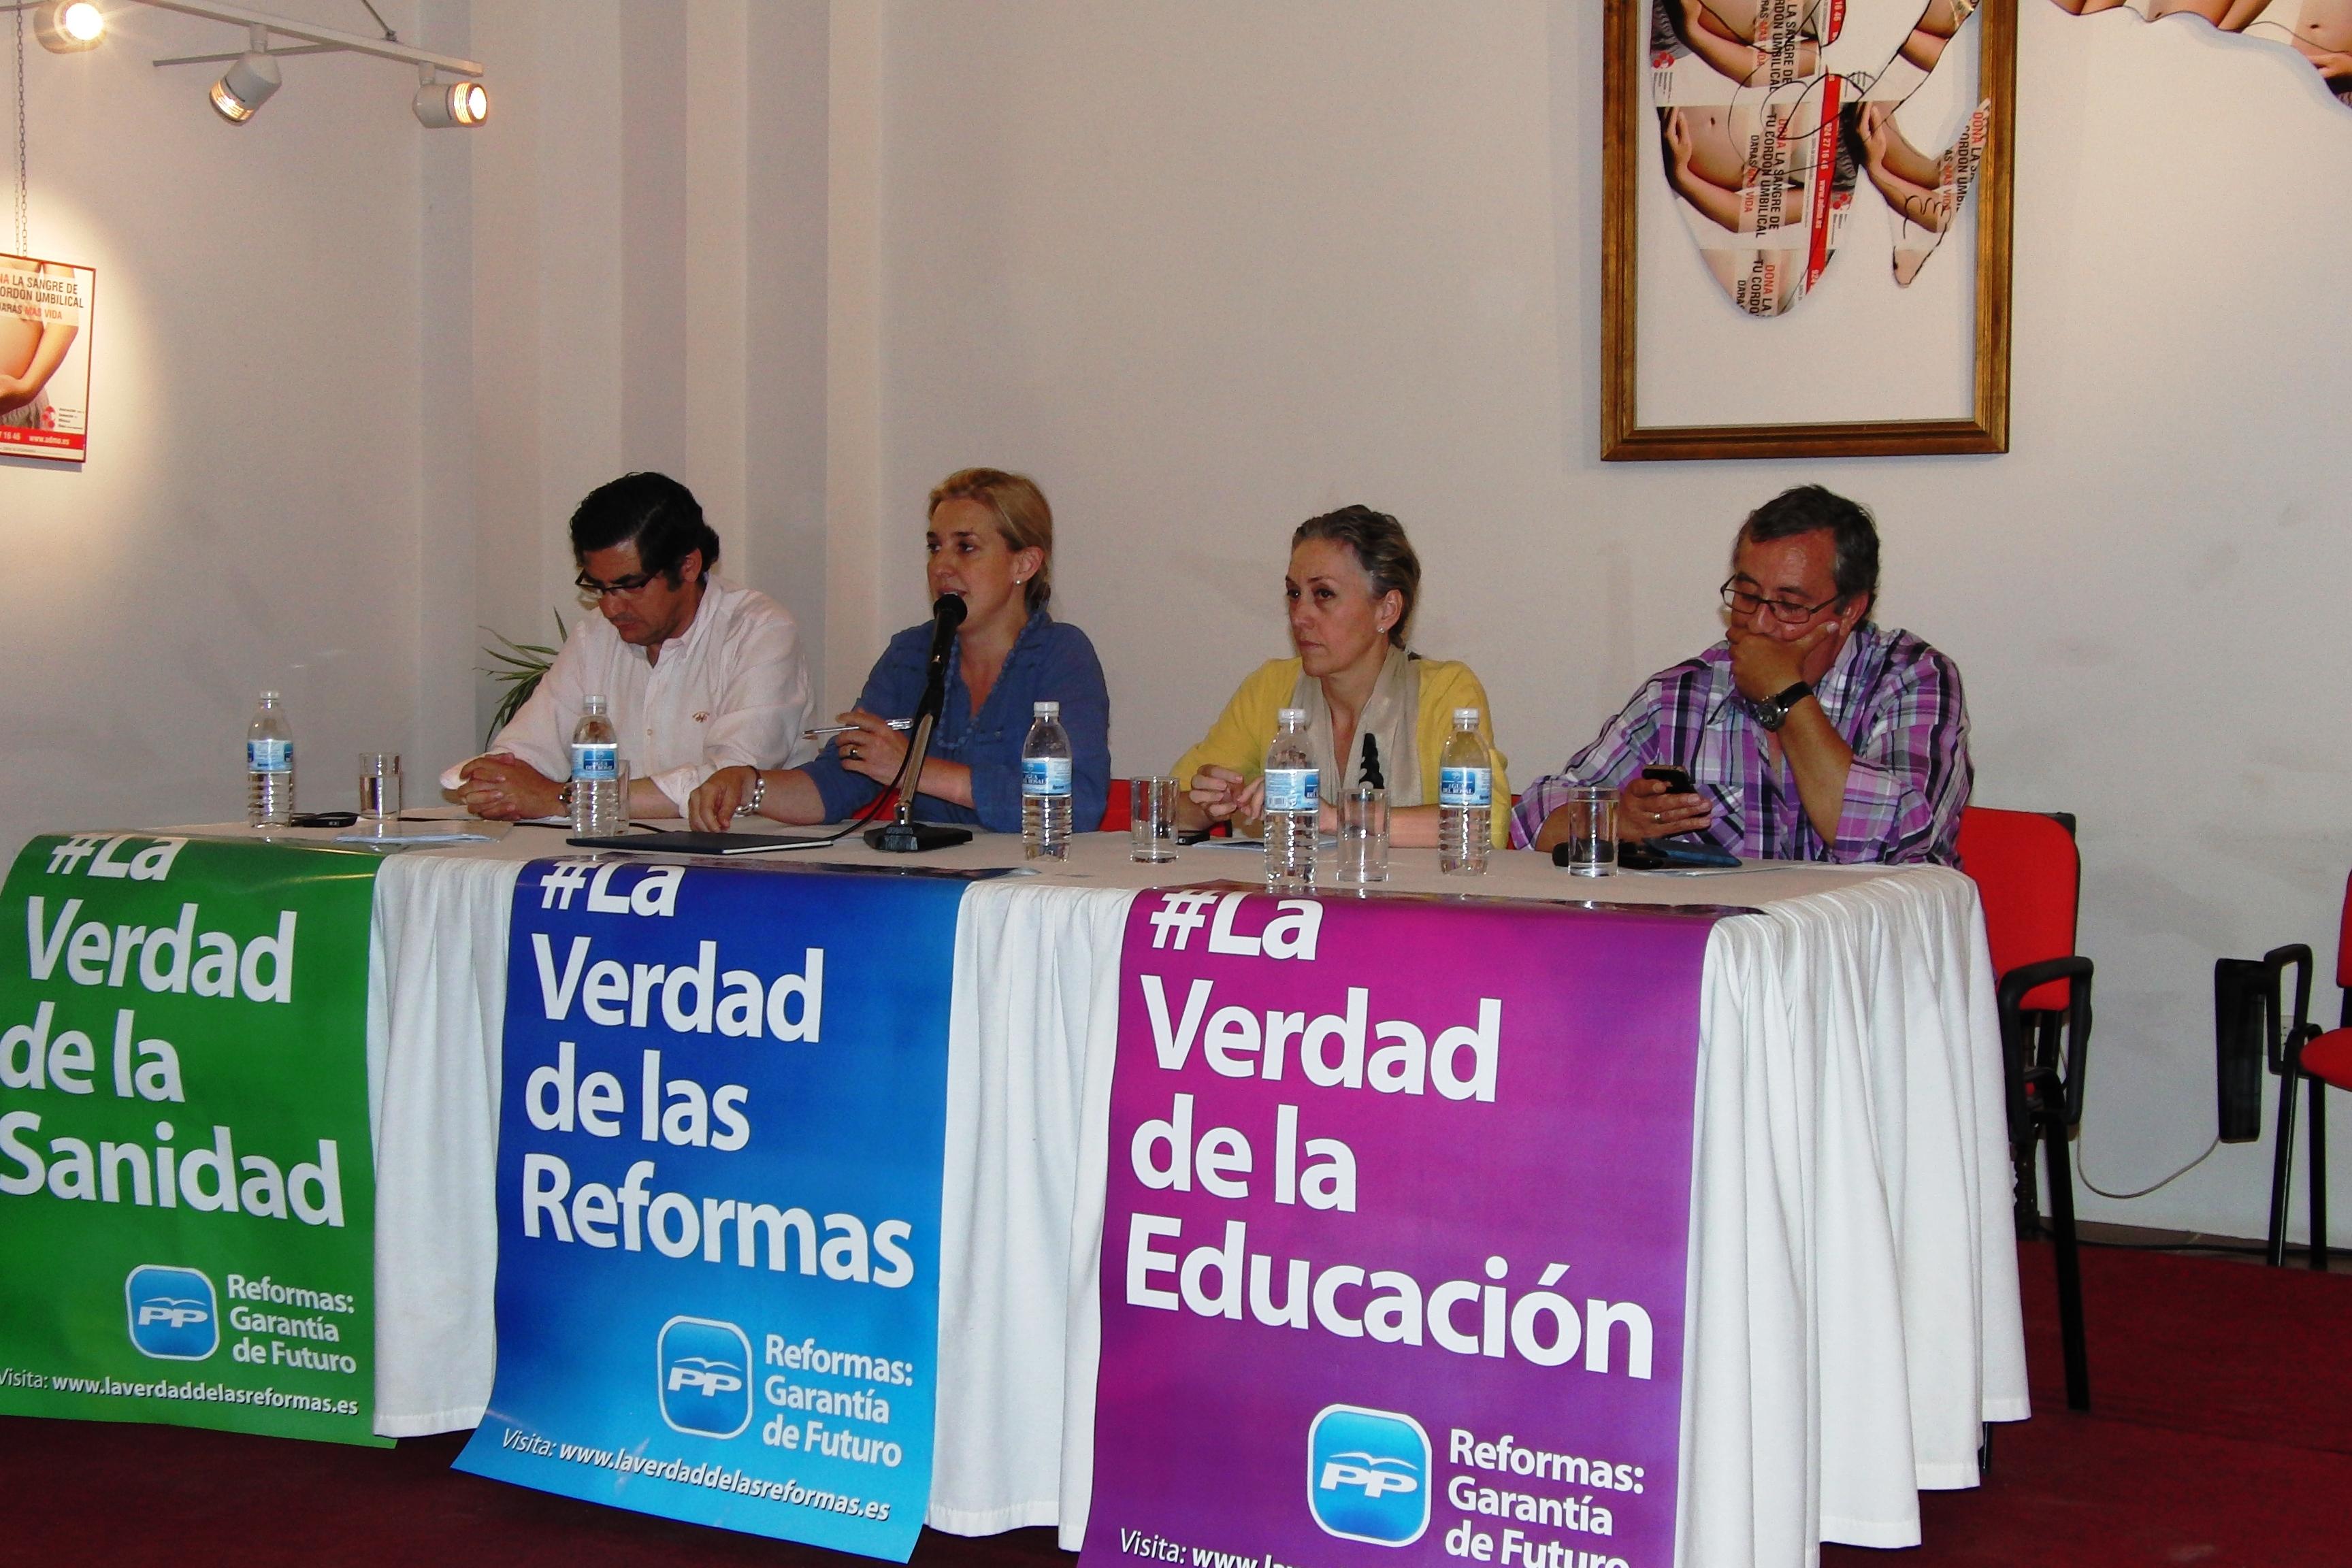 El PP explica las reformas emprendidas